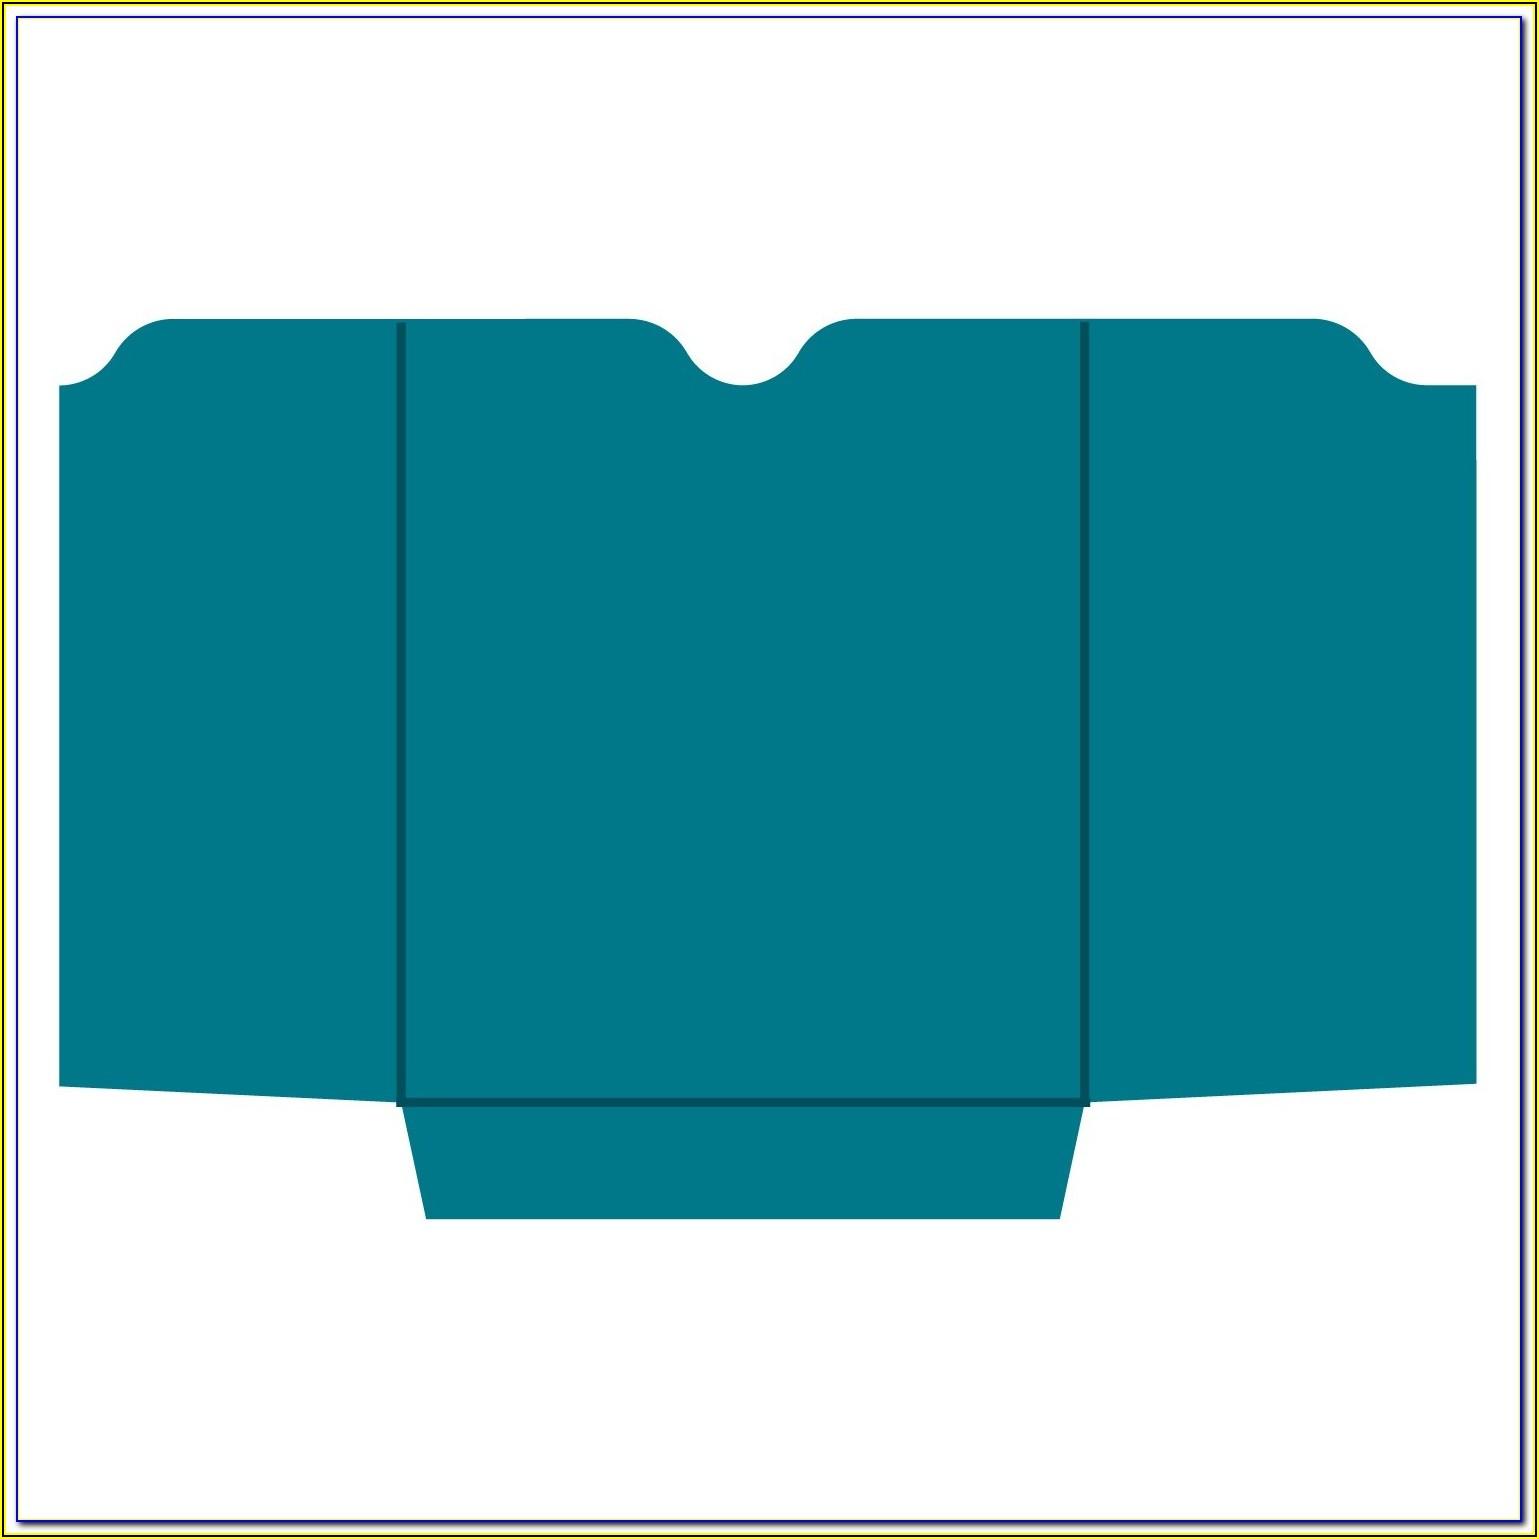 C4 Pocket Envelope Template